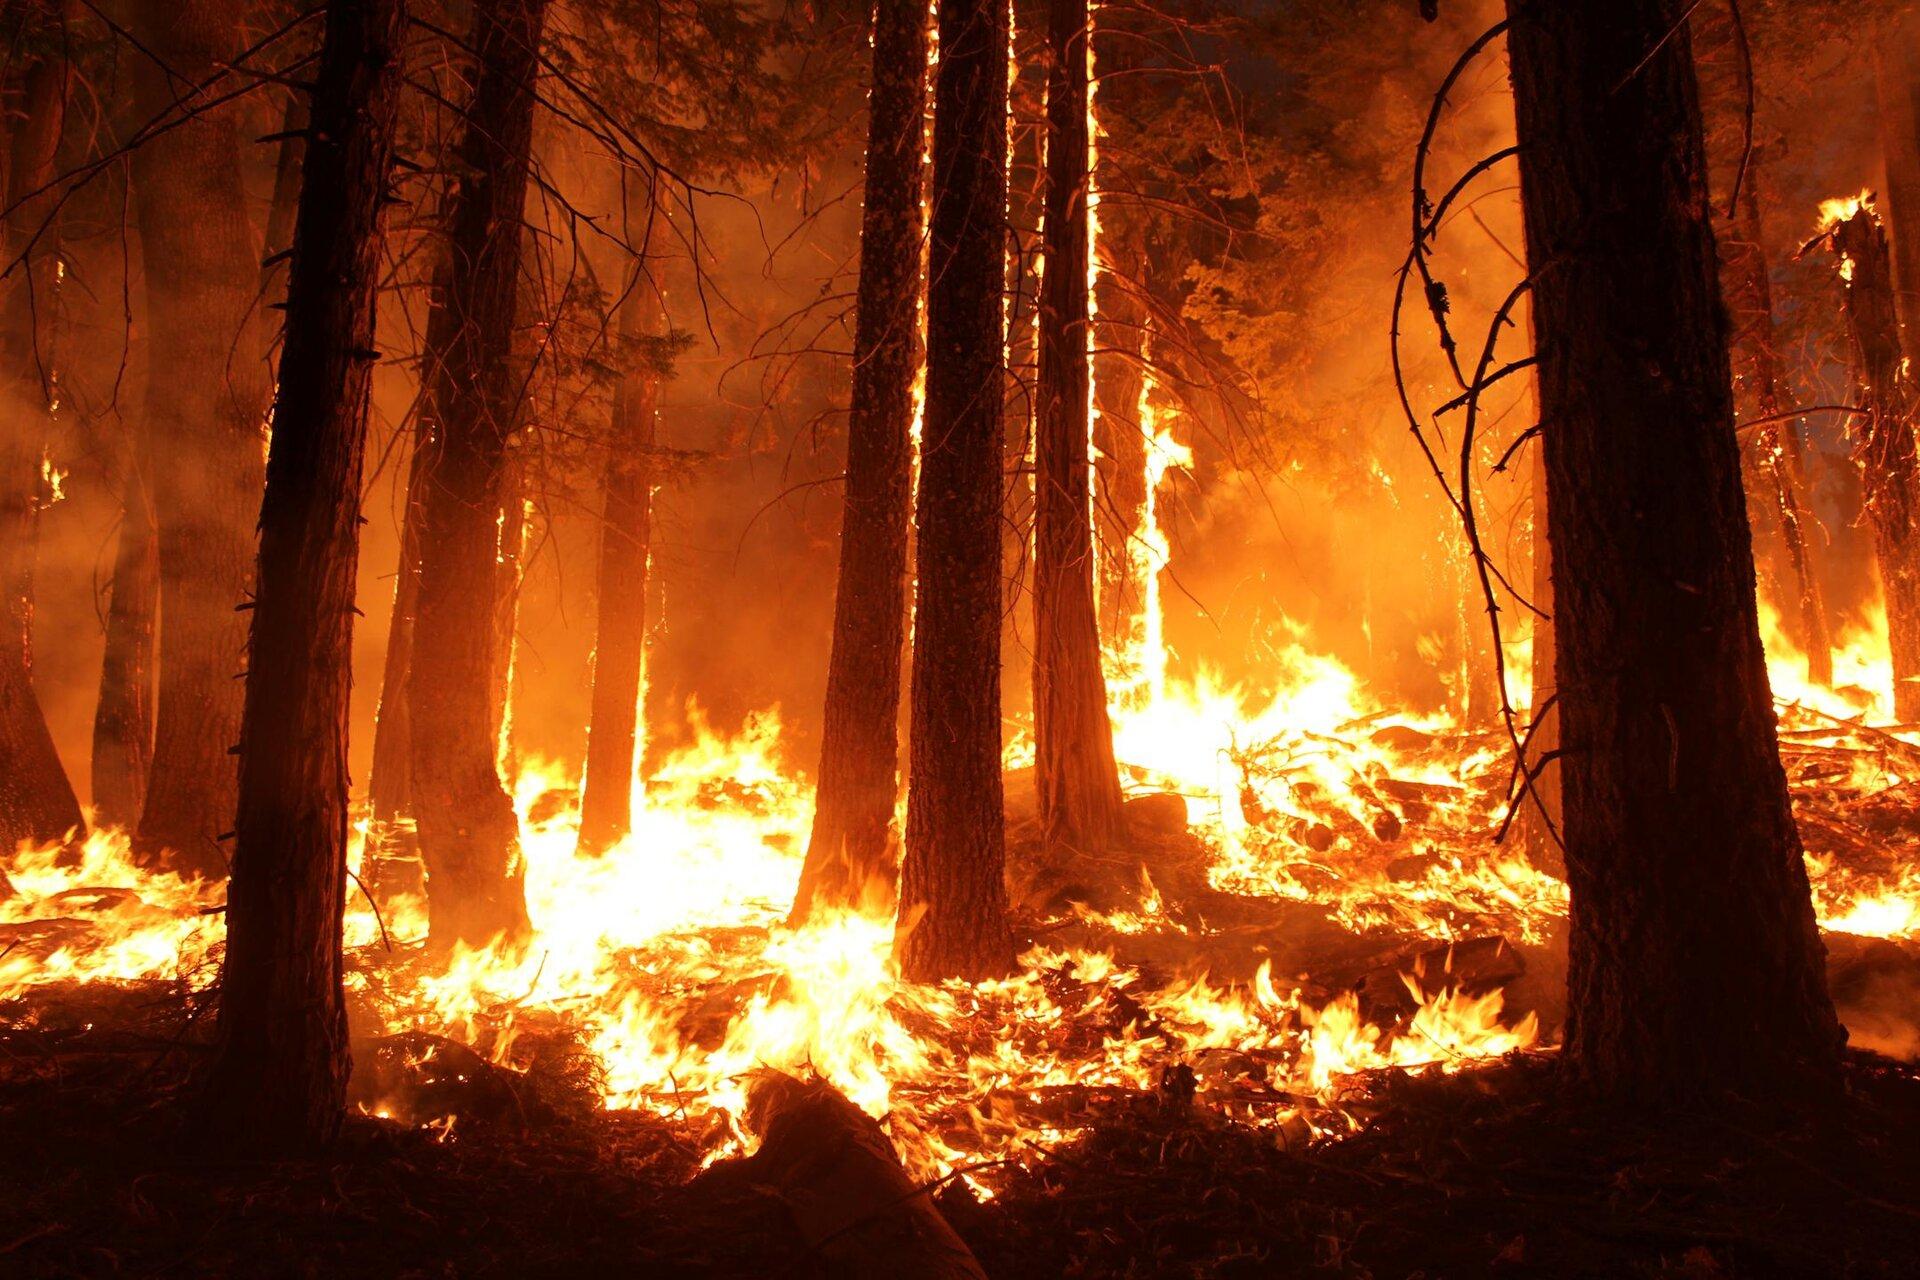 Fotografia prezentuje pożar lasu. Na pierwszym planie widoczna paląca się ściółka oraz pnie drzew. Wtle palące się pnie drzew, duże ilości dymu ijasnych płomieni ognia.